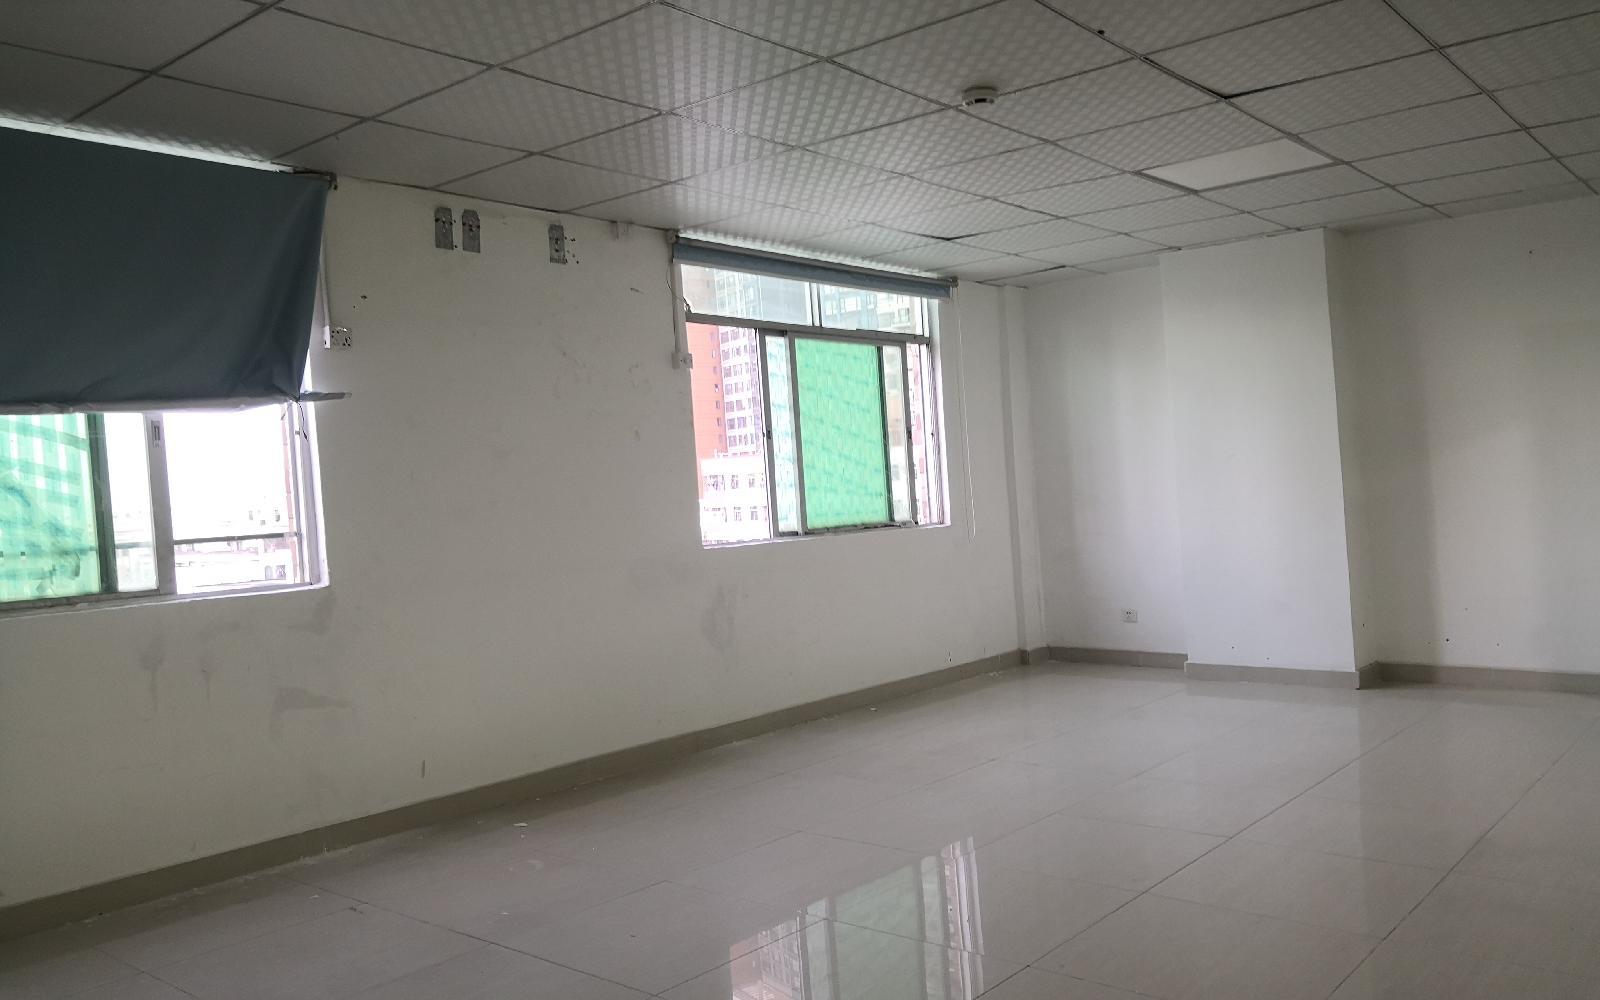 龙岗电商大厦写字楼出租60平米精装办公室2500元/间.月